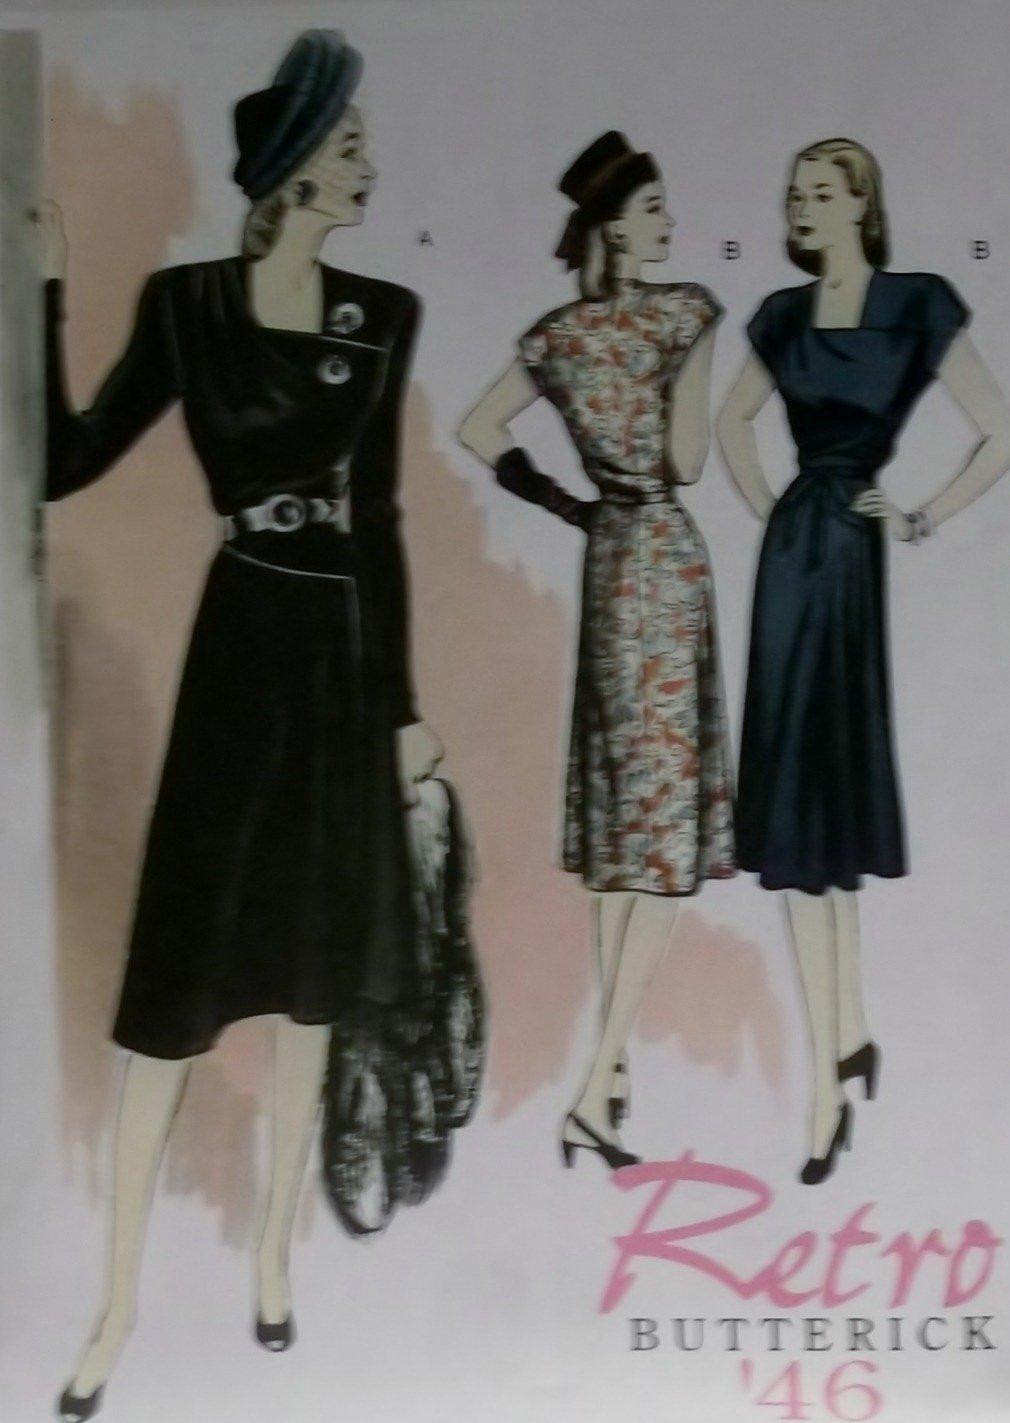 Retro Butterick B 5281 Patterns  Misses' Dress, Sizes 14-16-18-20-22, UNCUT